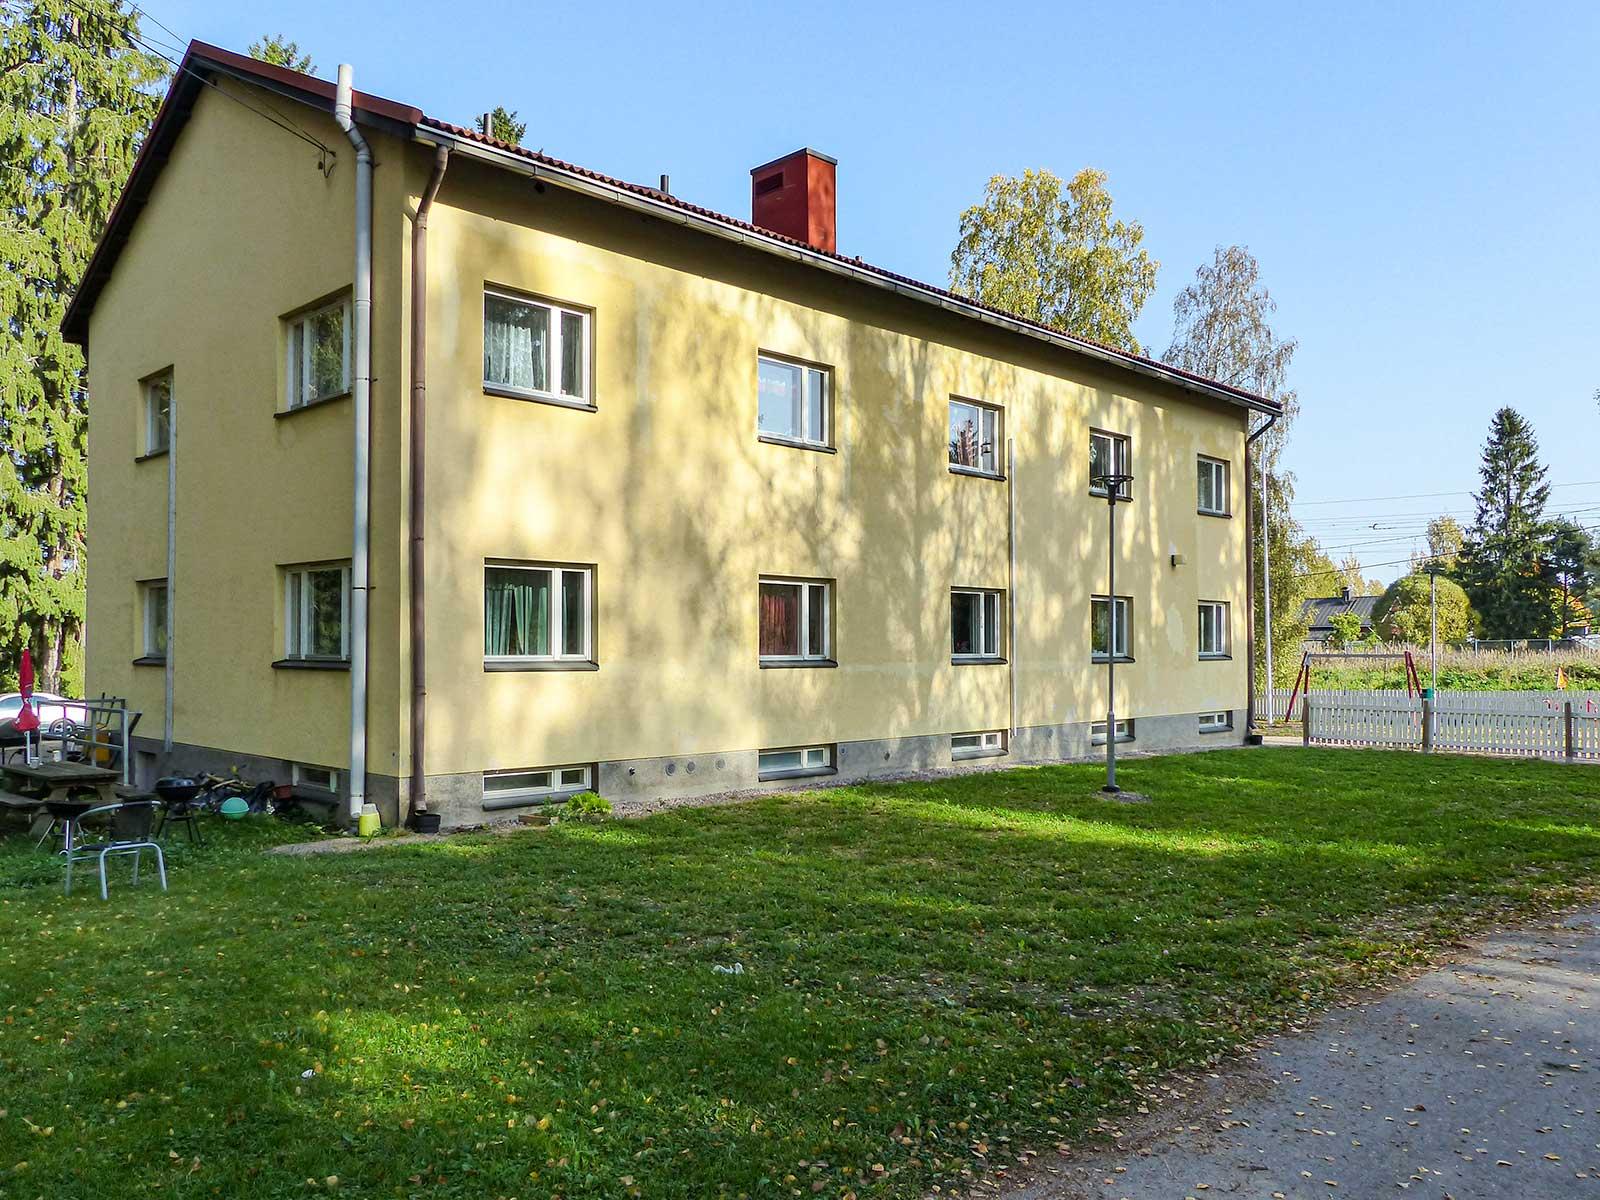 Haapahuhdantie 24, Riihimäki